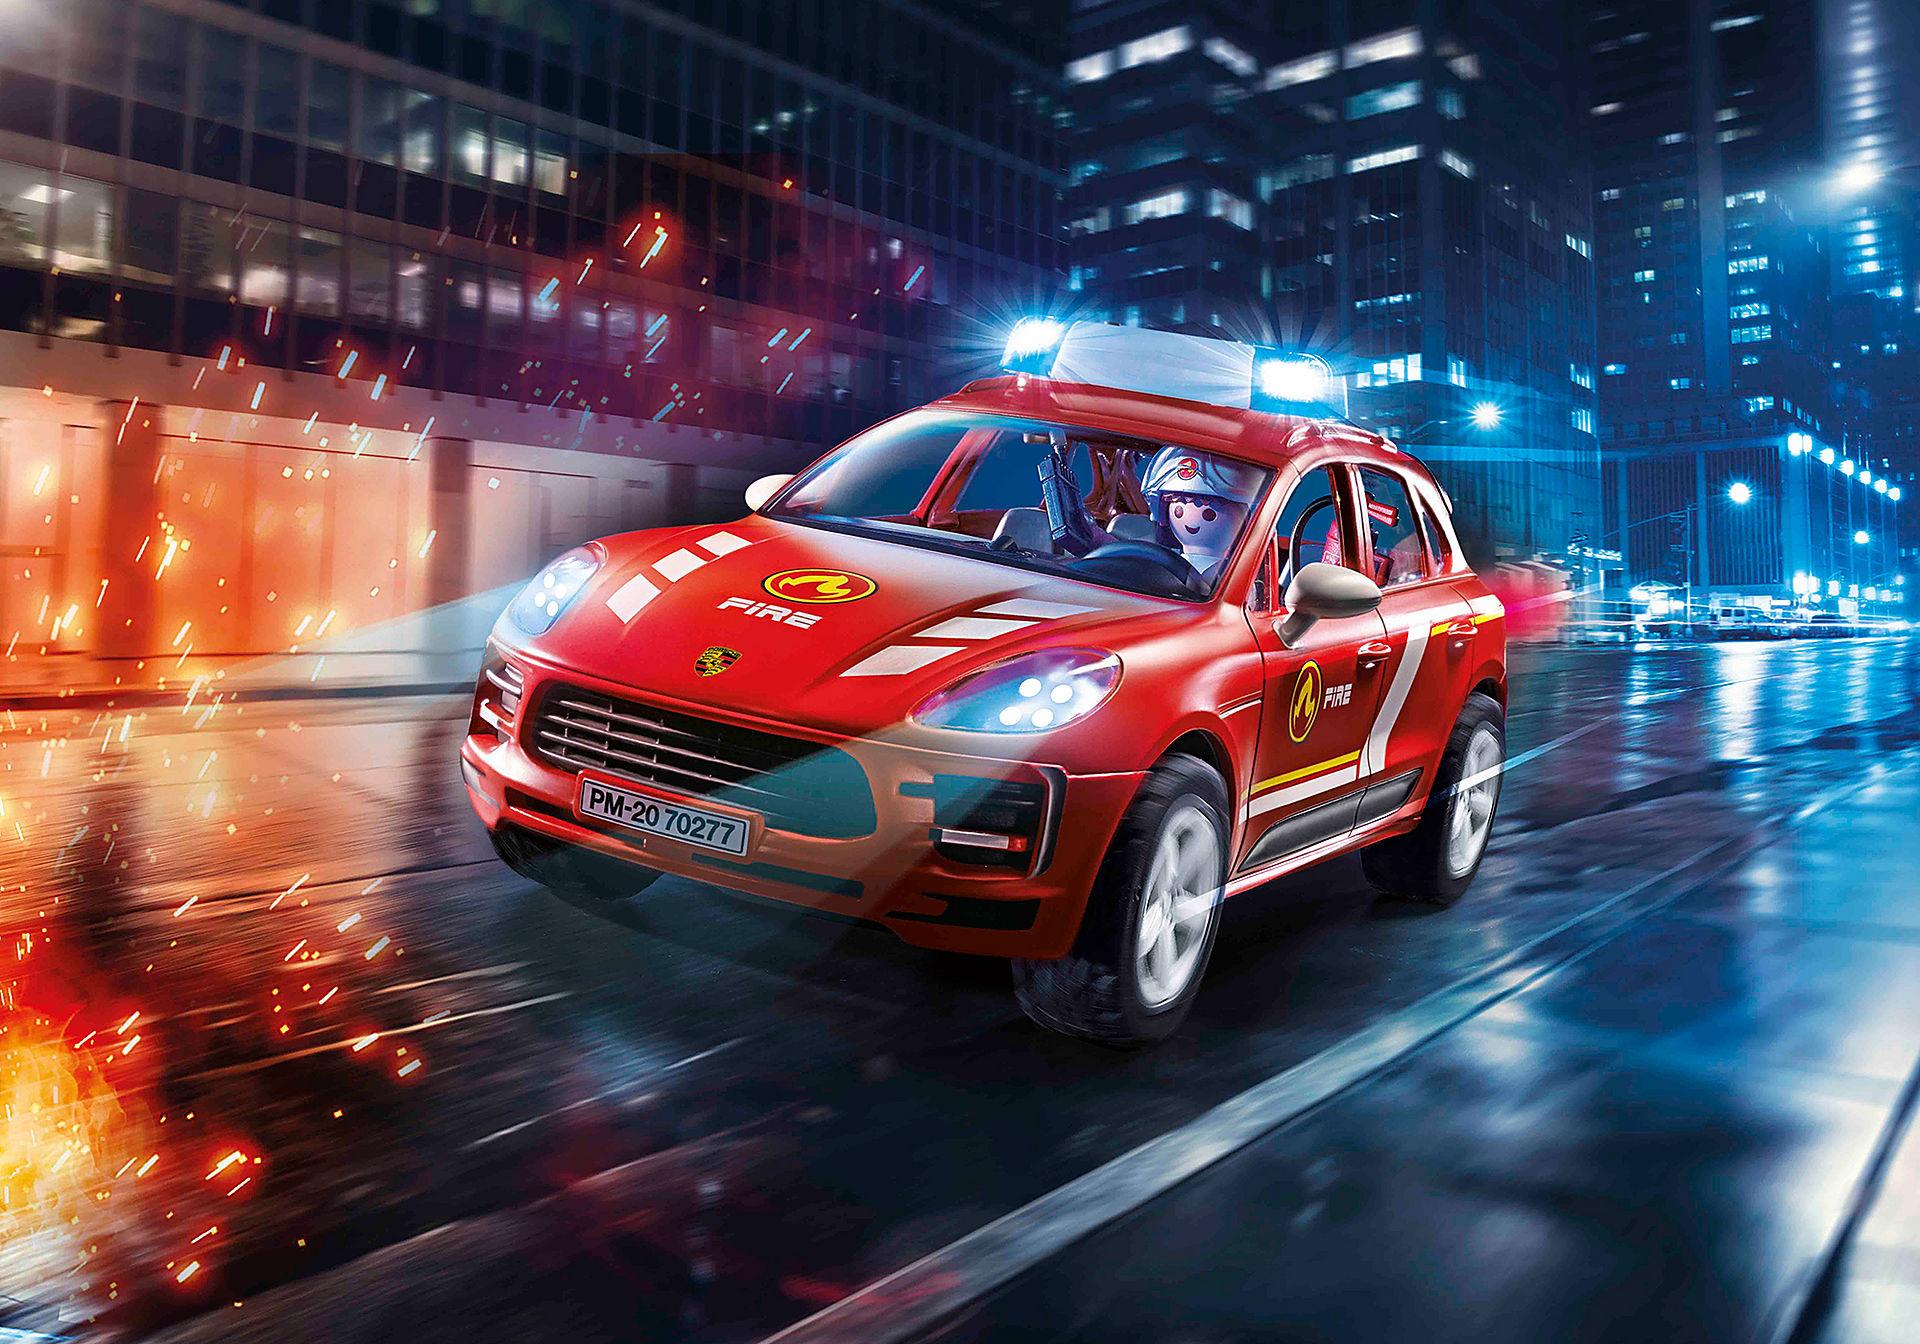 70277 Porsche Macan S Feuerwehr zoom image1